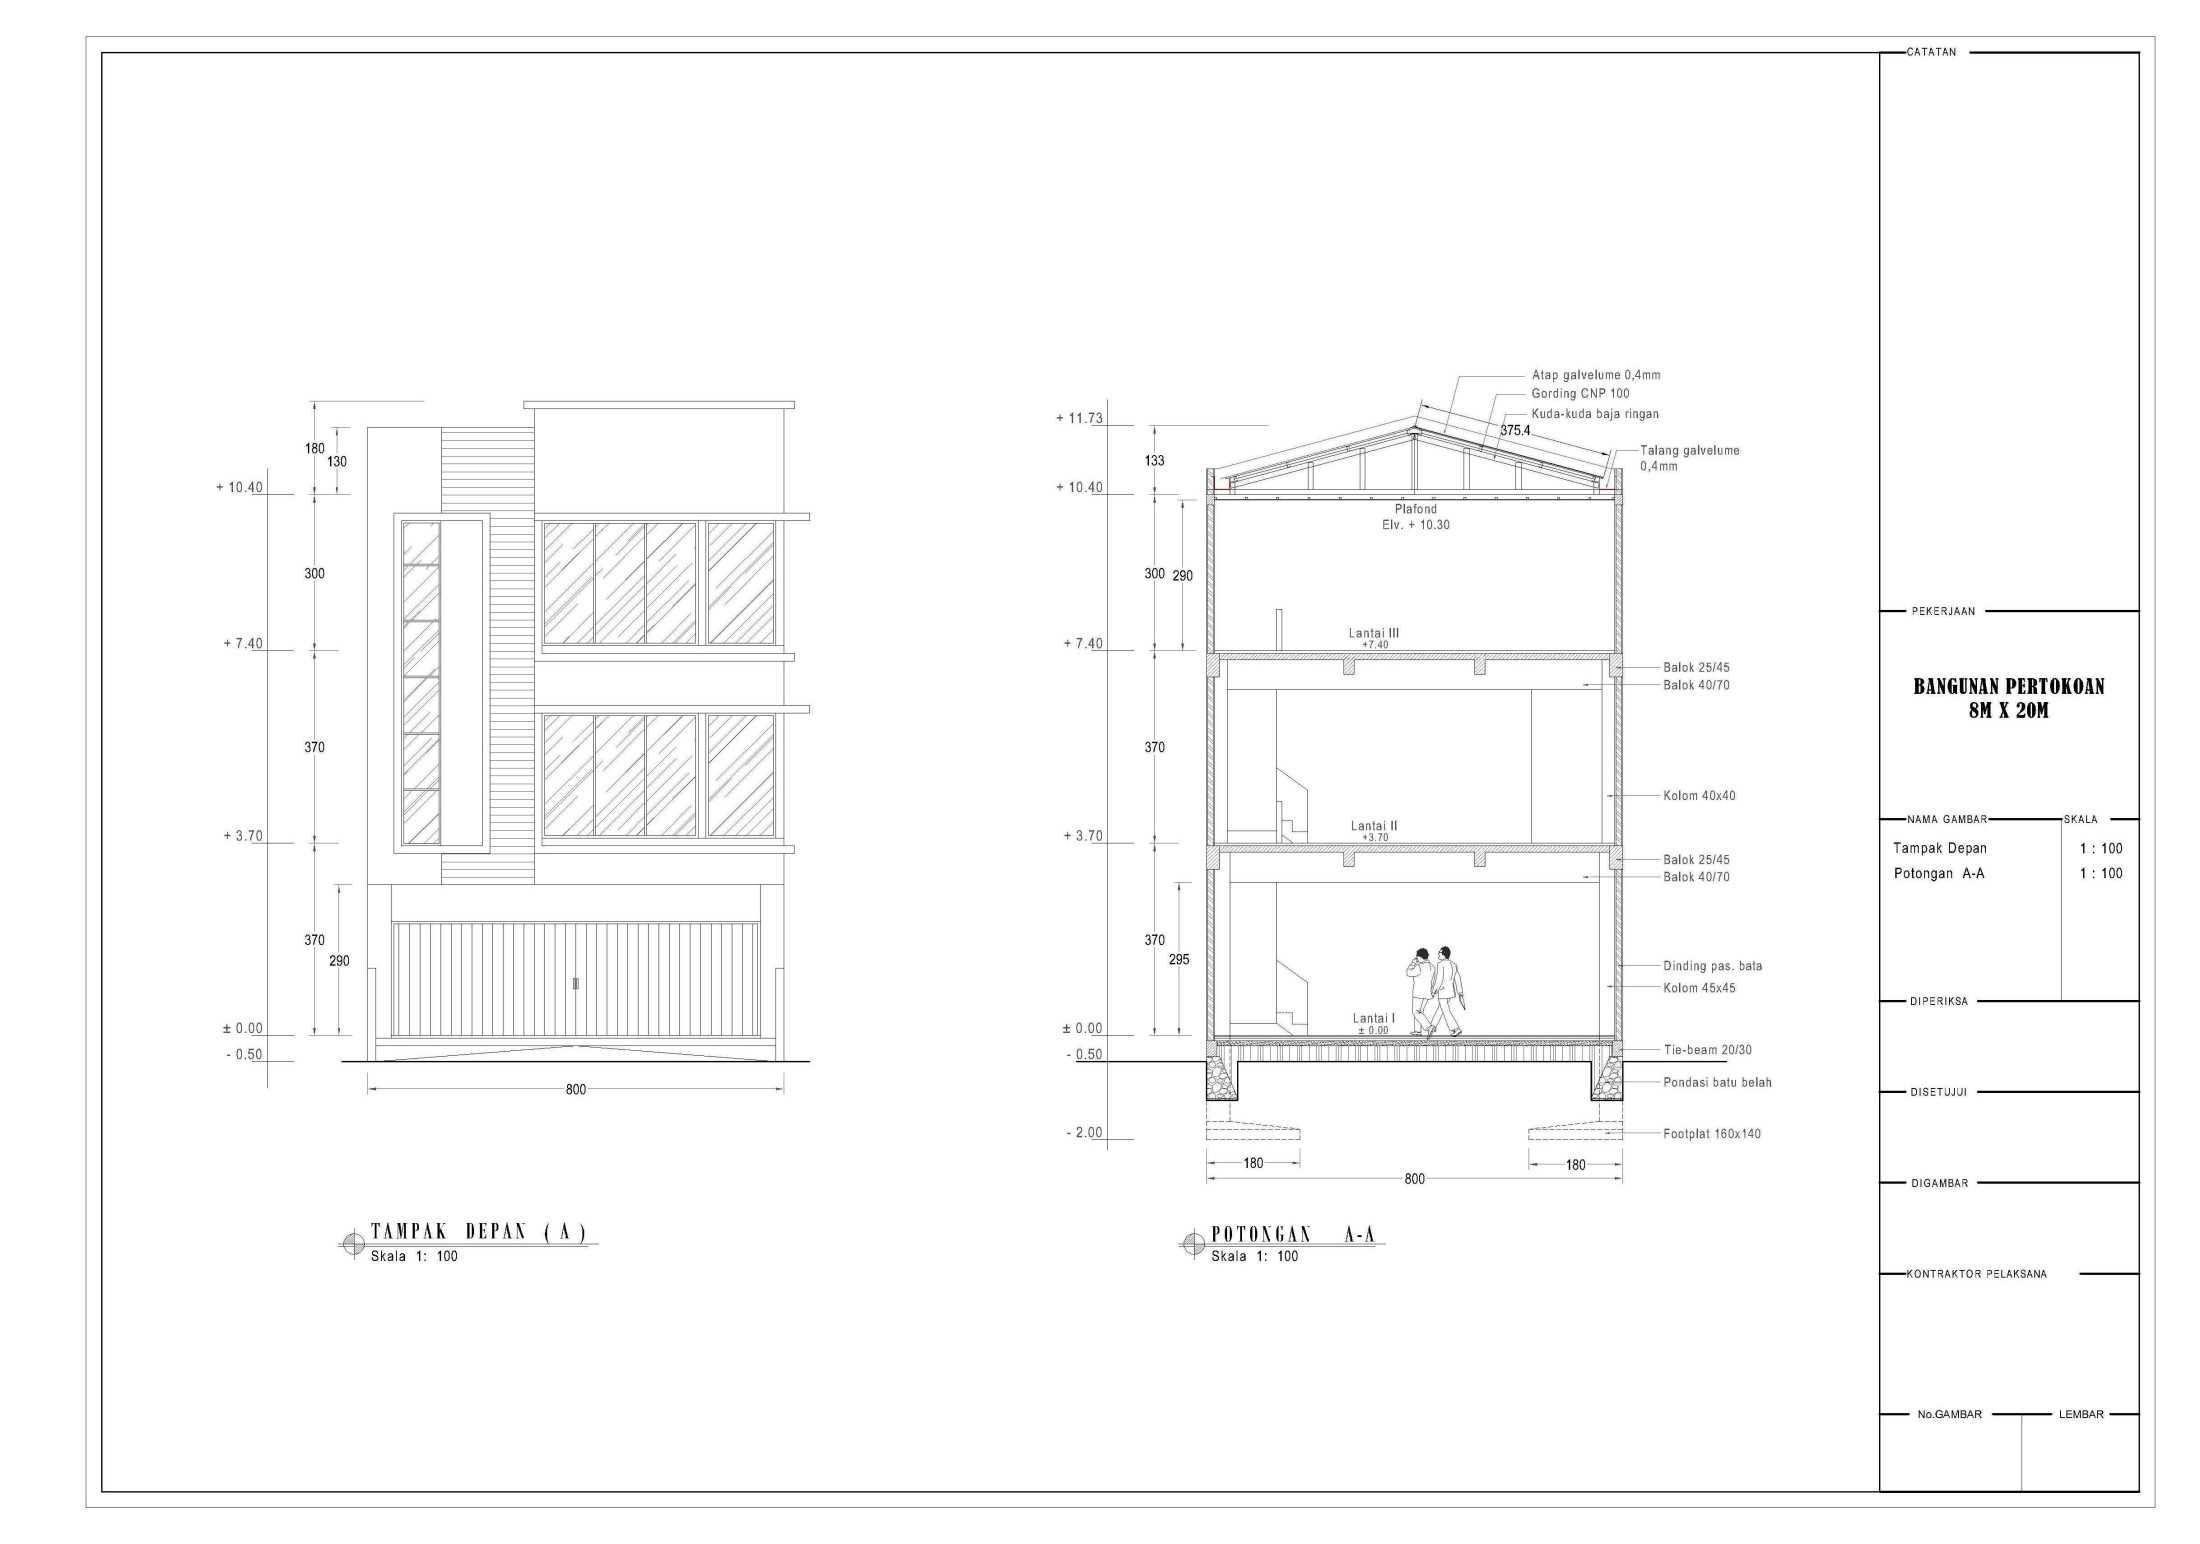 Arsein_Design Bangunan Ruko 3Lt Semarang, Kota Semarang, Jawa Tengah, Indonesia Semarang, Kota Semarang, Jawa Tengah, Indonesia Arseindesign-Bangunan-Rukoo-3Lt  82479